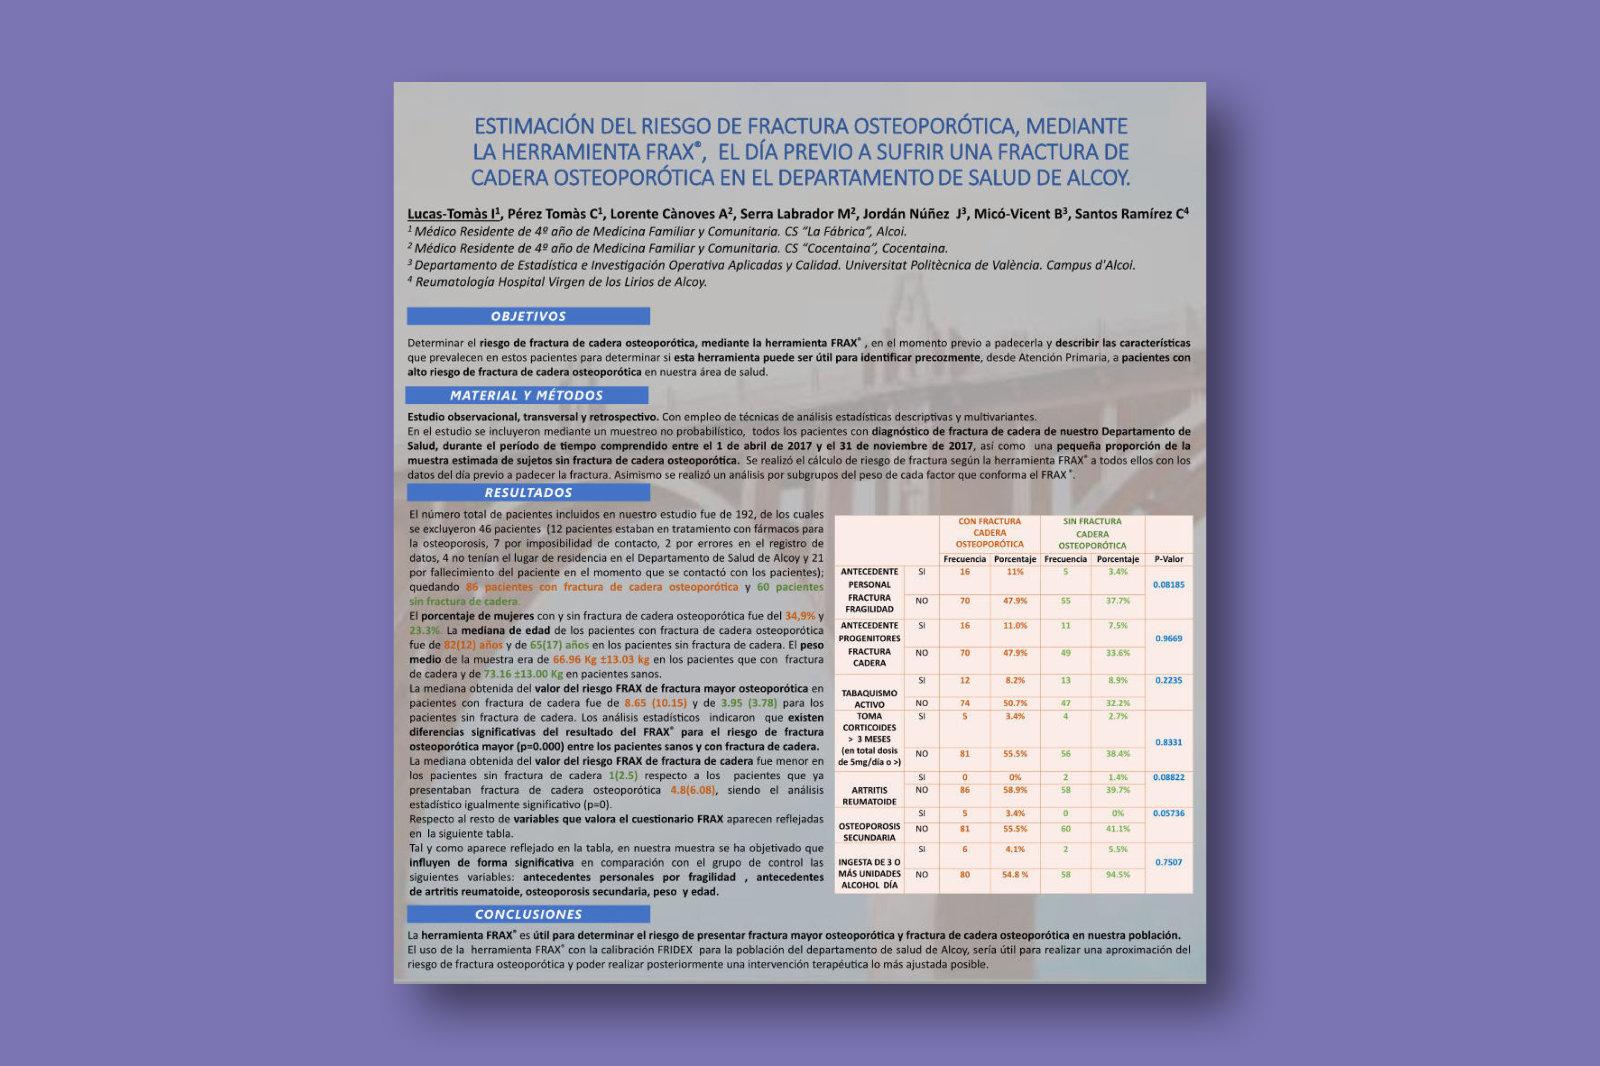 Estimación del riesgo de fractura osteoporótica, mediante la herramienta Frax, el día previo a sufrir una fractura de cadera osteoporótica en el Departamento de Salud de Alcoy